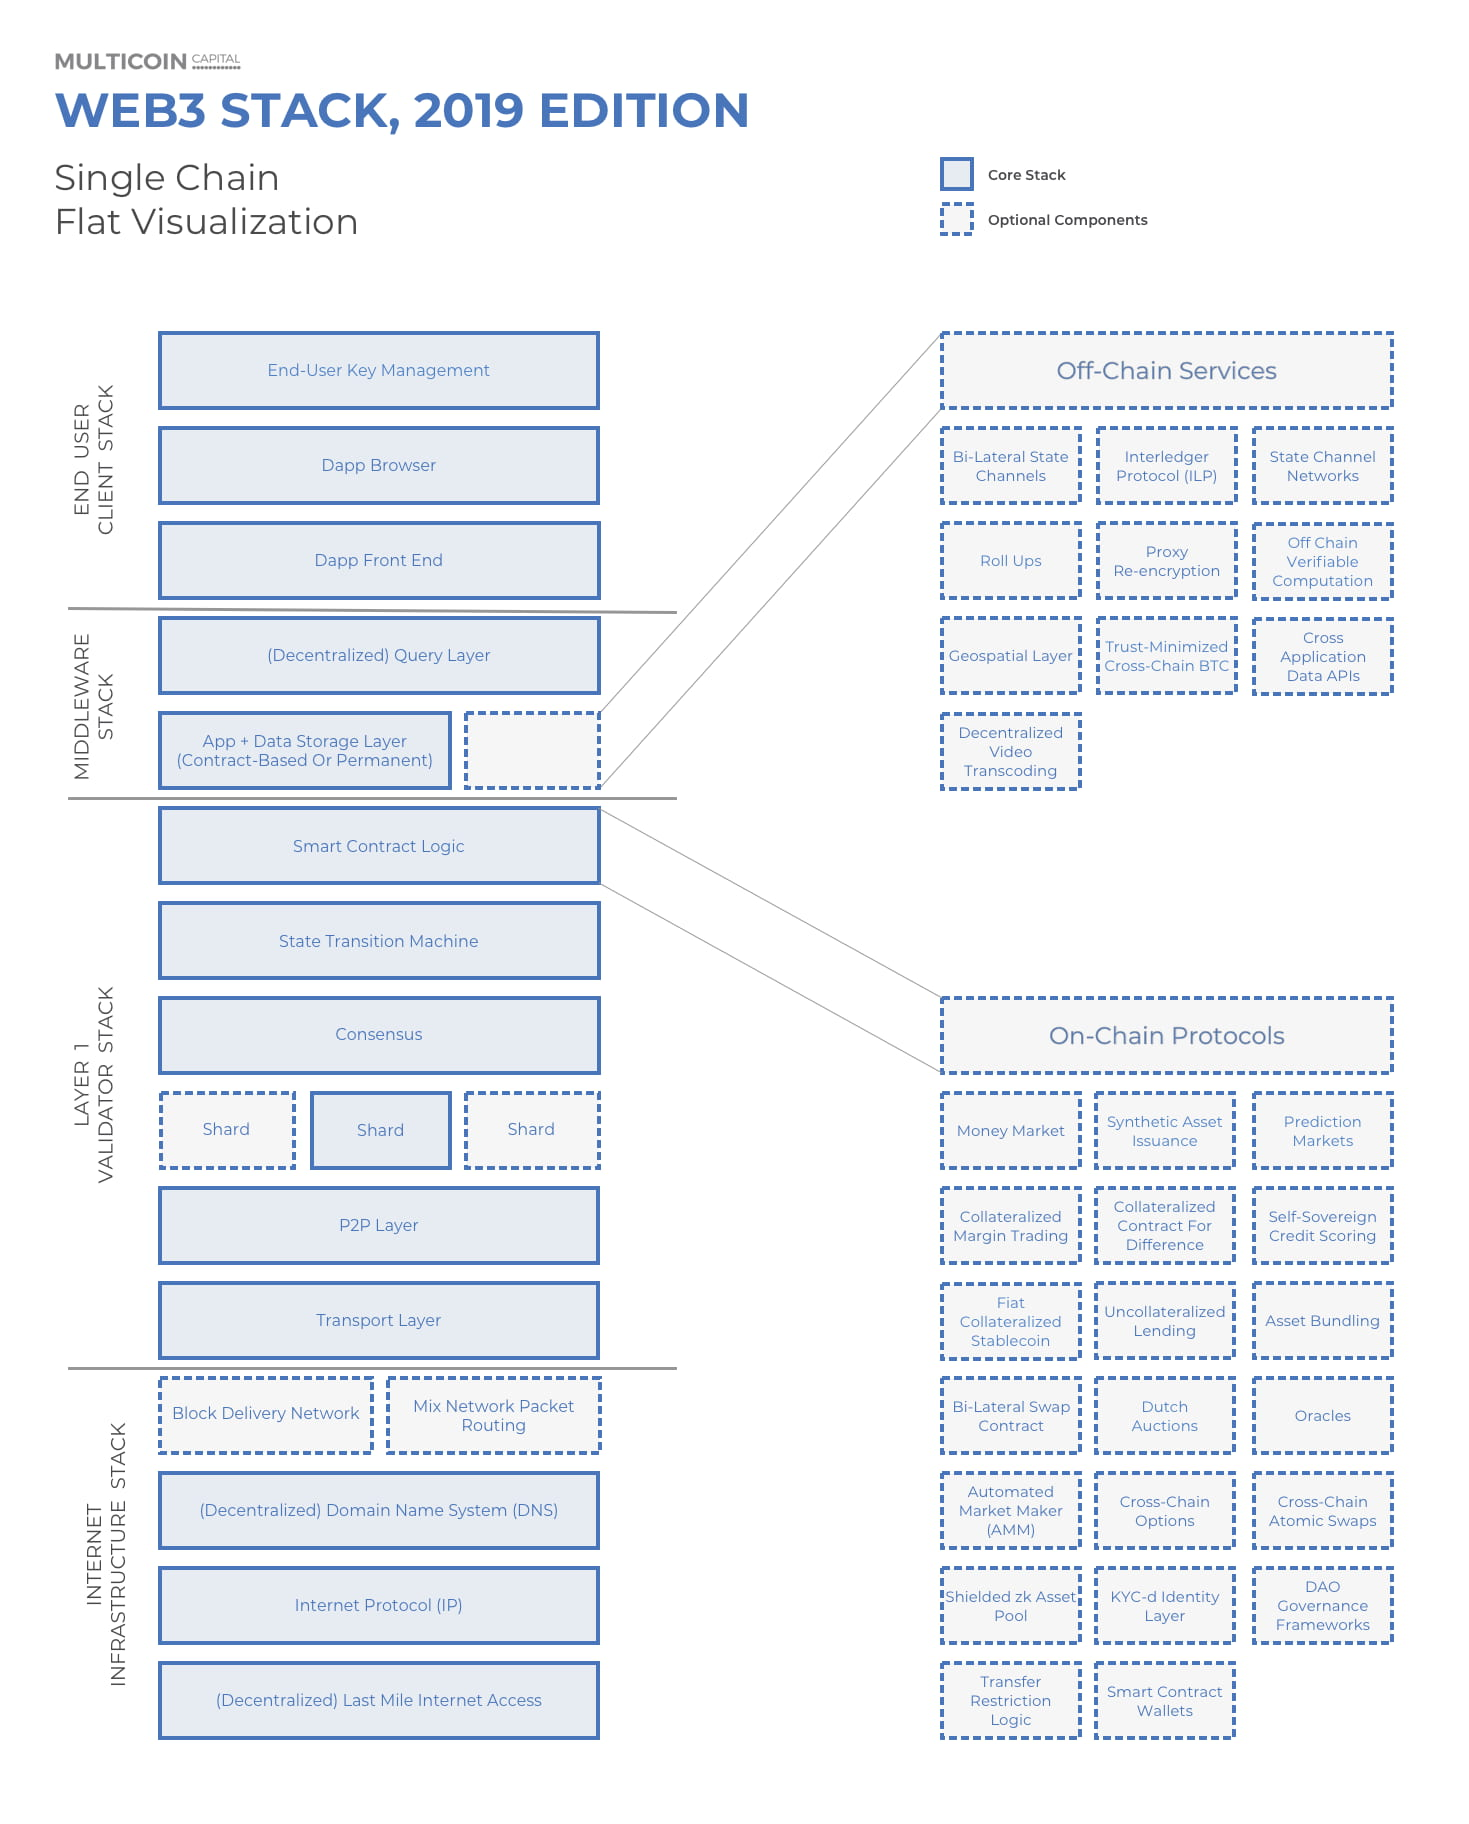 Multicoin:5 张图描绘 2019 年Web3 堆栈全景